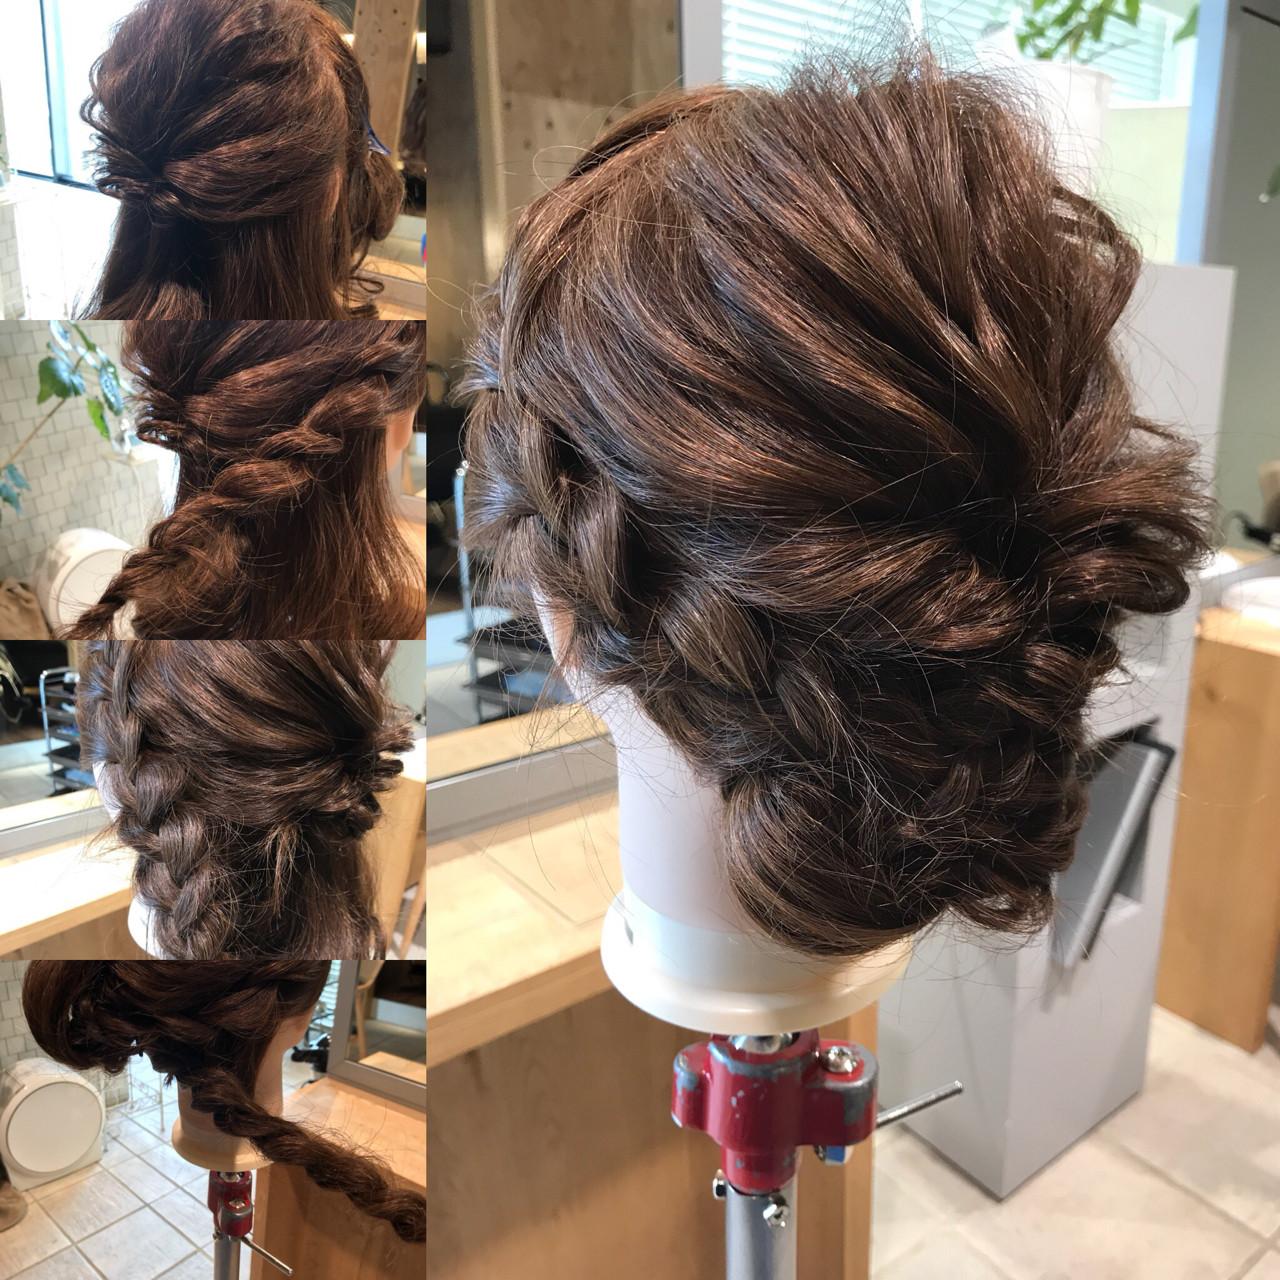 セミロング ナチュラル 簡単 三つ編み ヘアスタイルや髪型の写真・画像